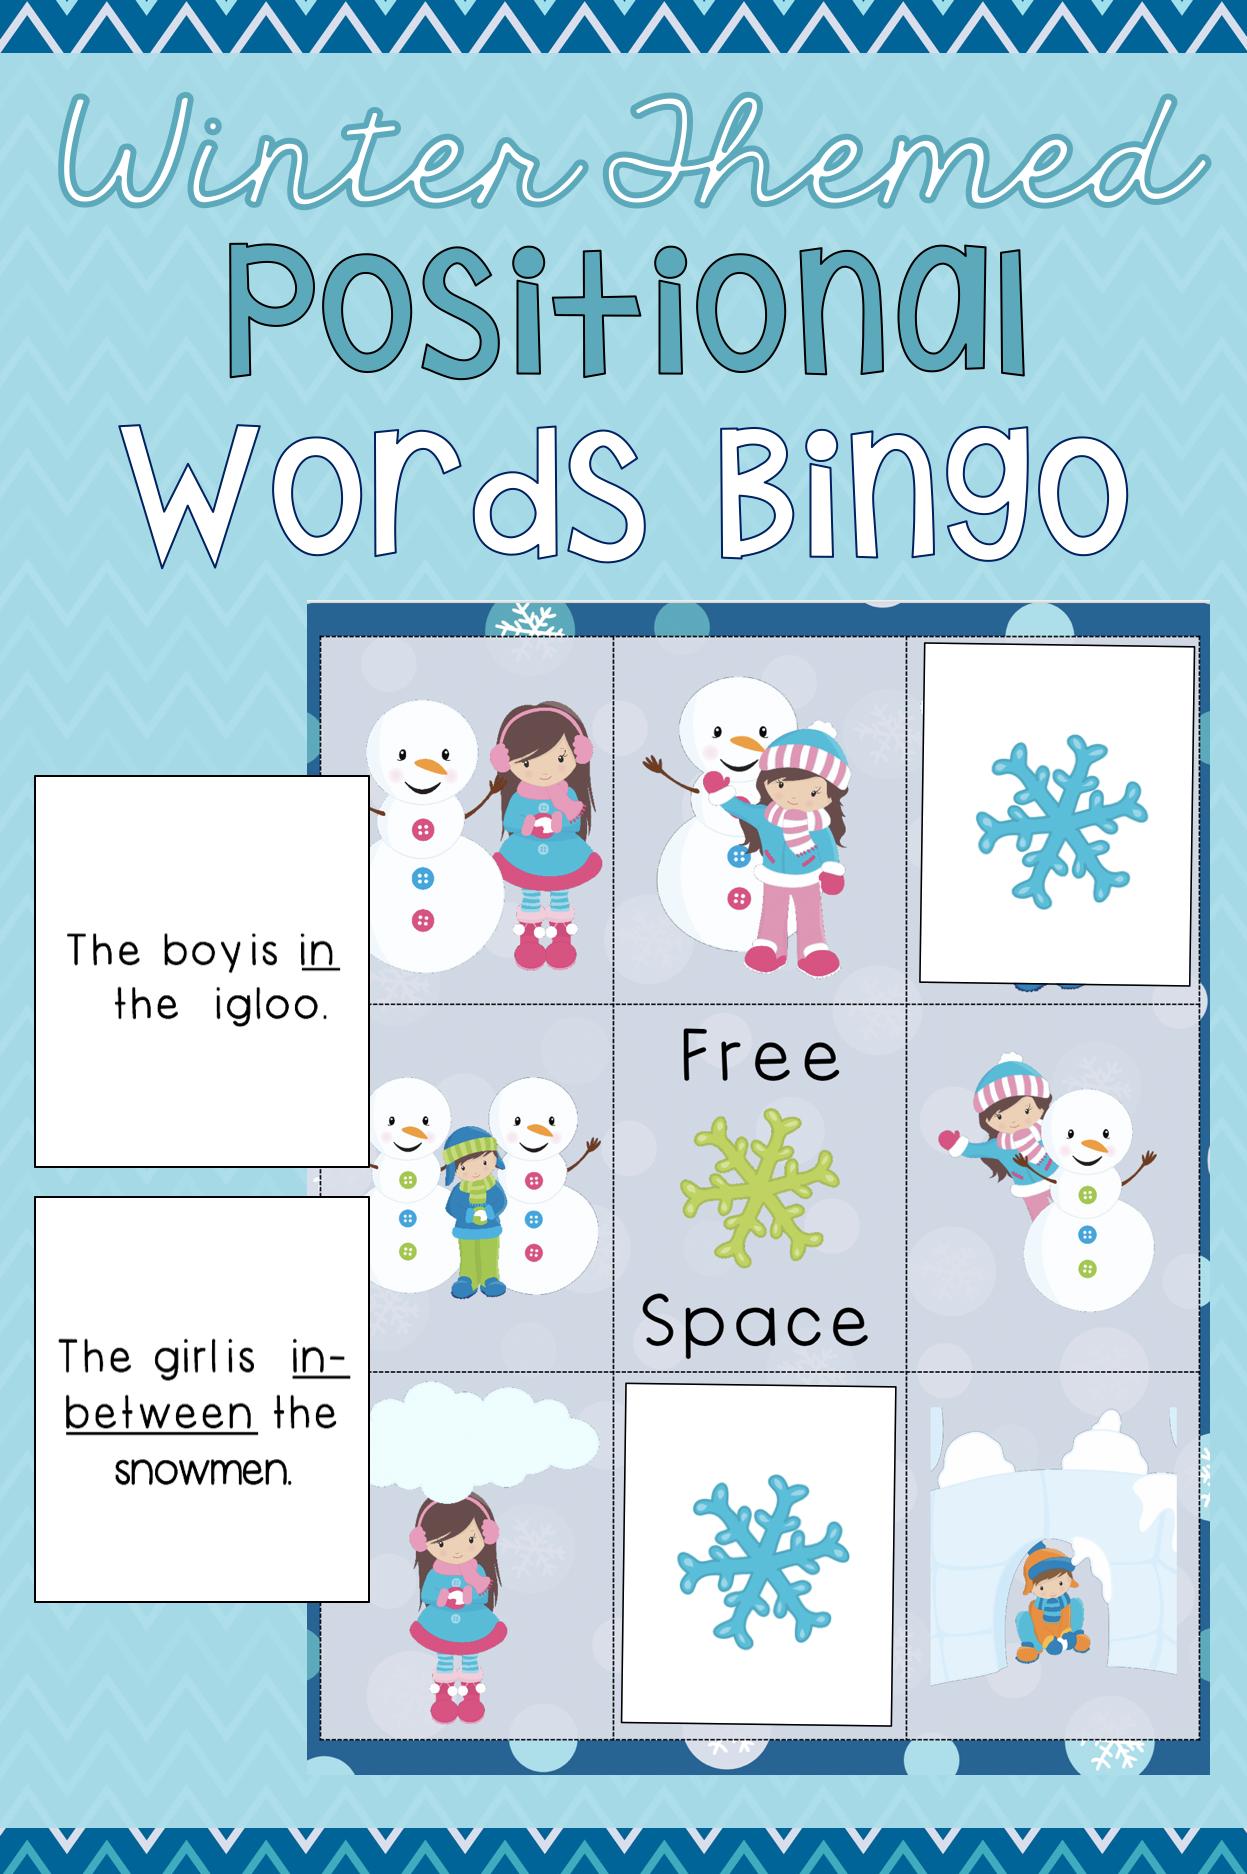 Winter Themed Positional Words Bingo Math Activities Preschool Fun Math Activities Small Group Activities Preschool [ 1874 x 1247 Pixel ]